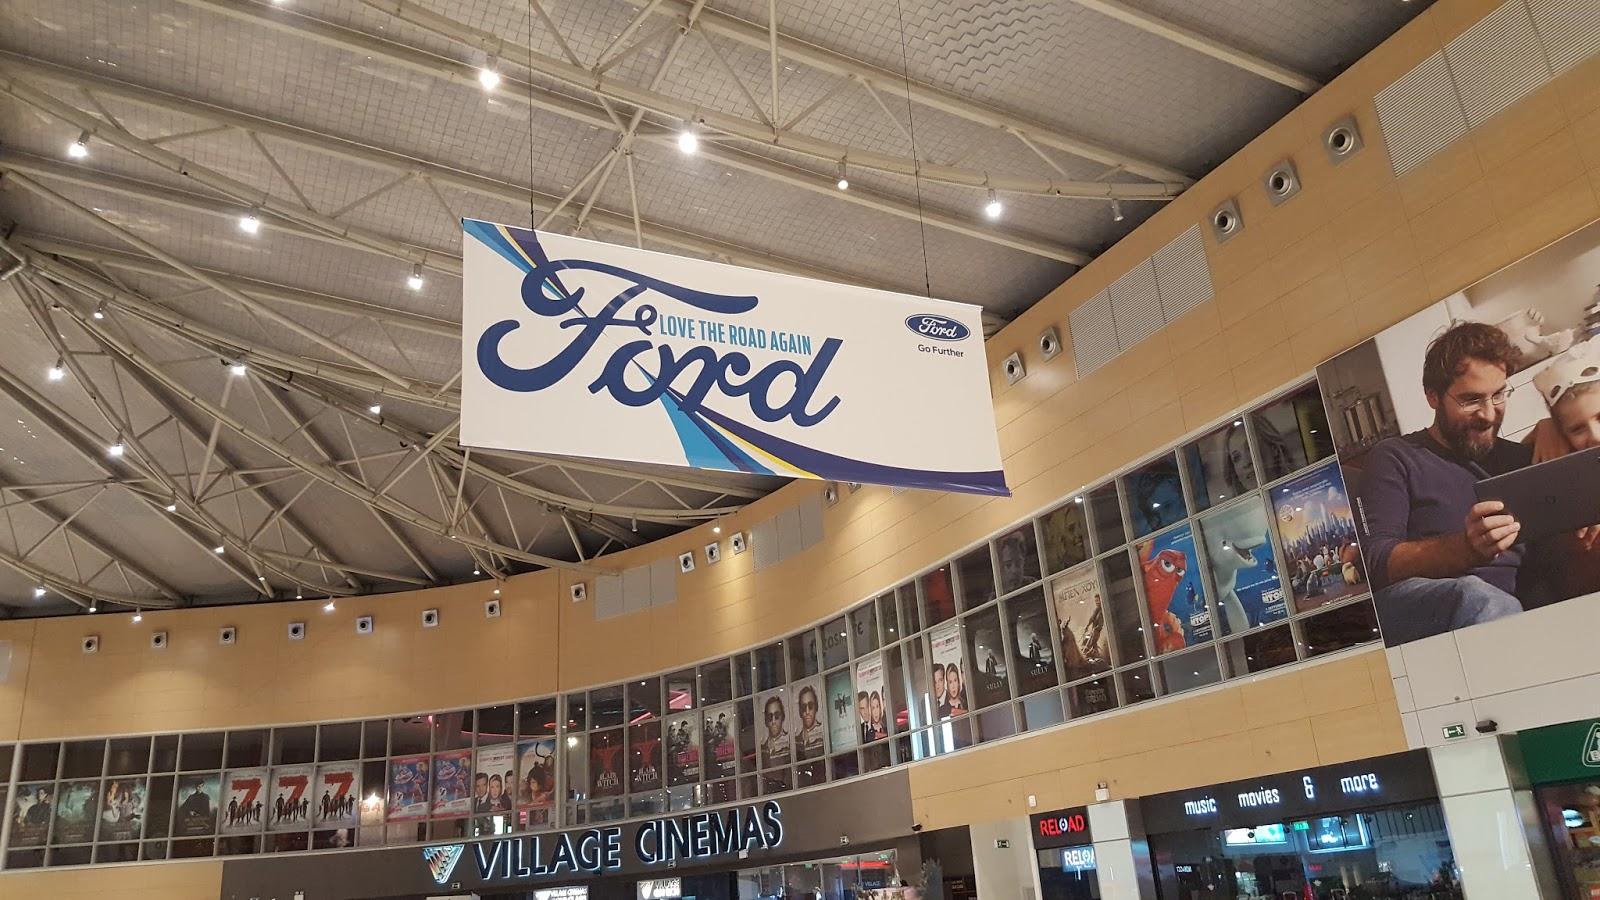 20160927 215324 Δείτε όλα τα νέα μοντέλα Ford στο The Mall Athens Ford, Ford EcoSport, Ford Fiesta ST-Line, Ford Focus RS, Ford KA+